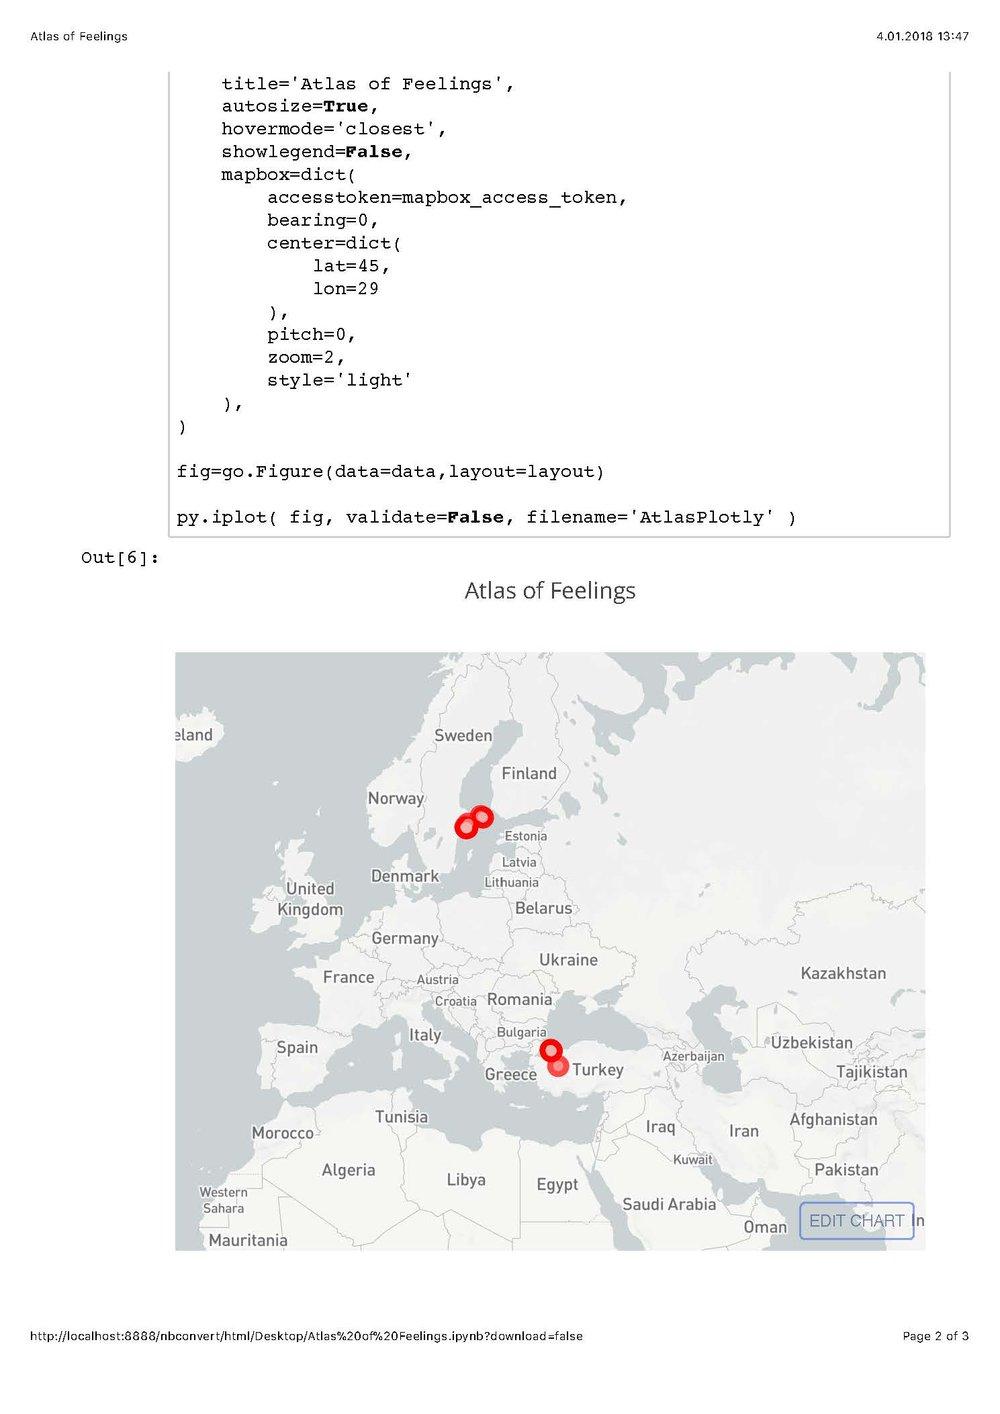 Atlas of Feelings2_Page_2.jpg